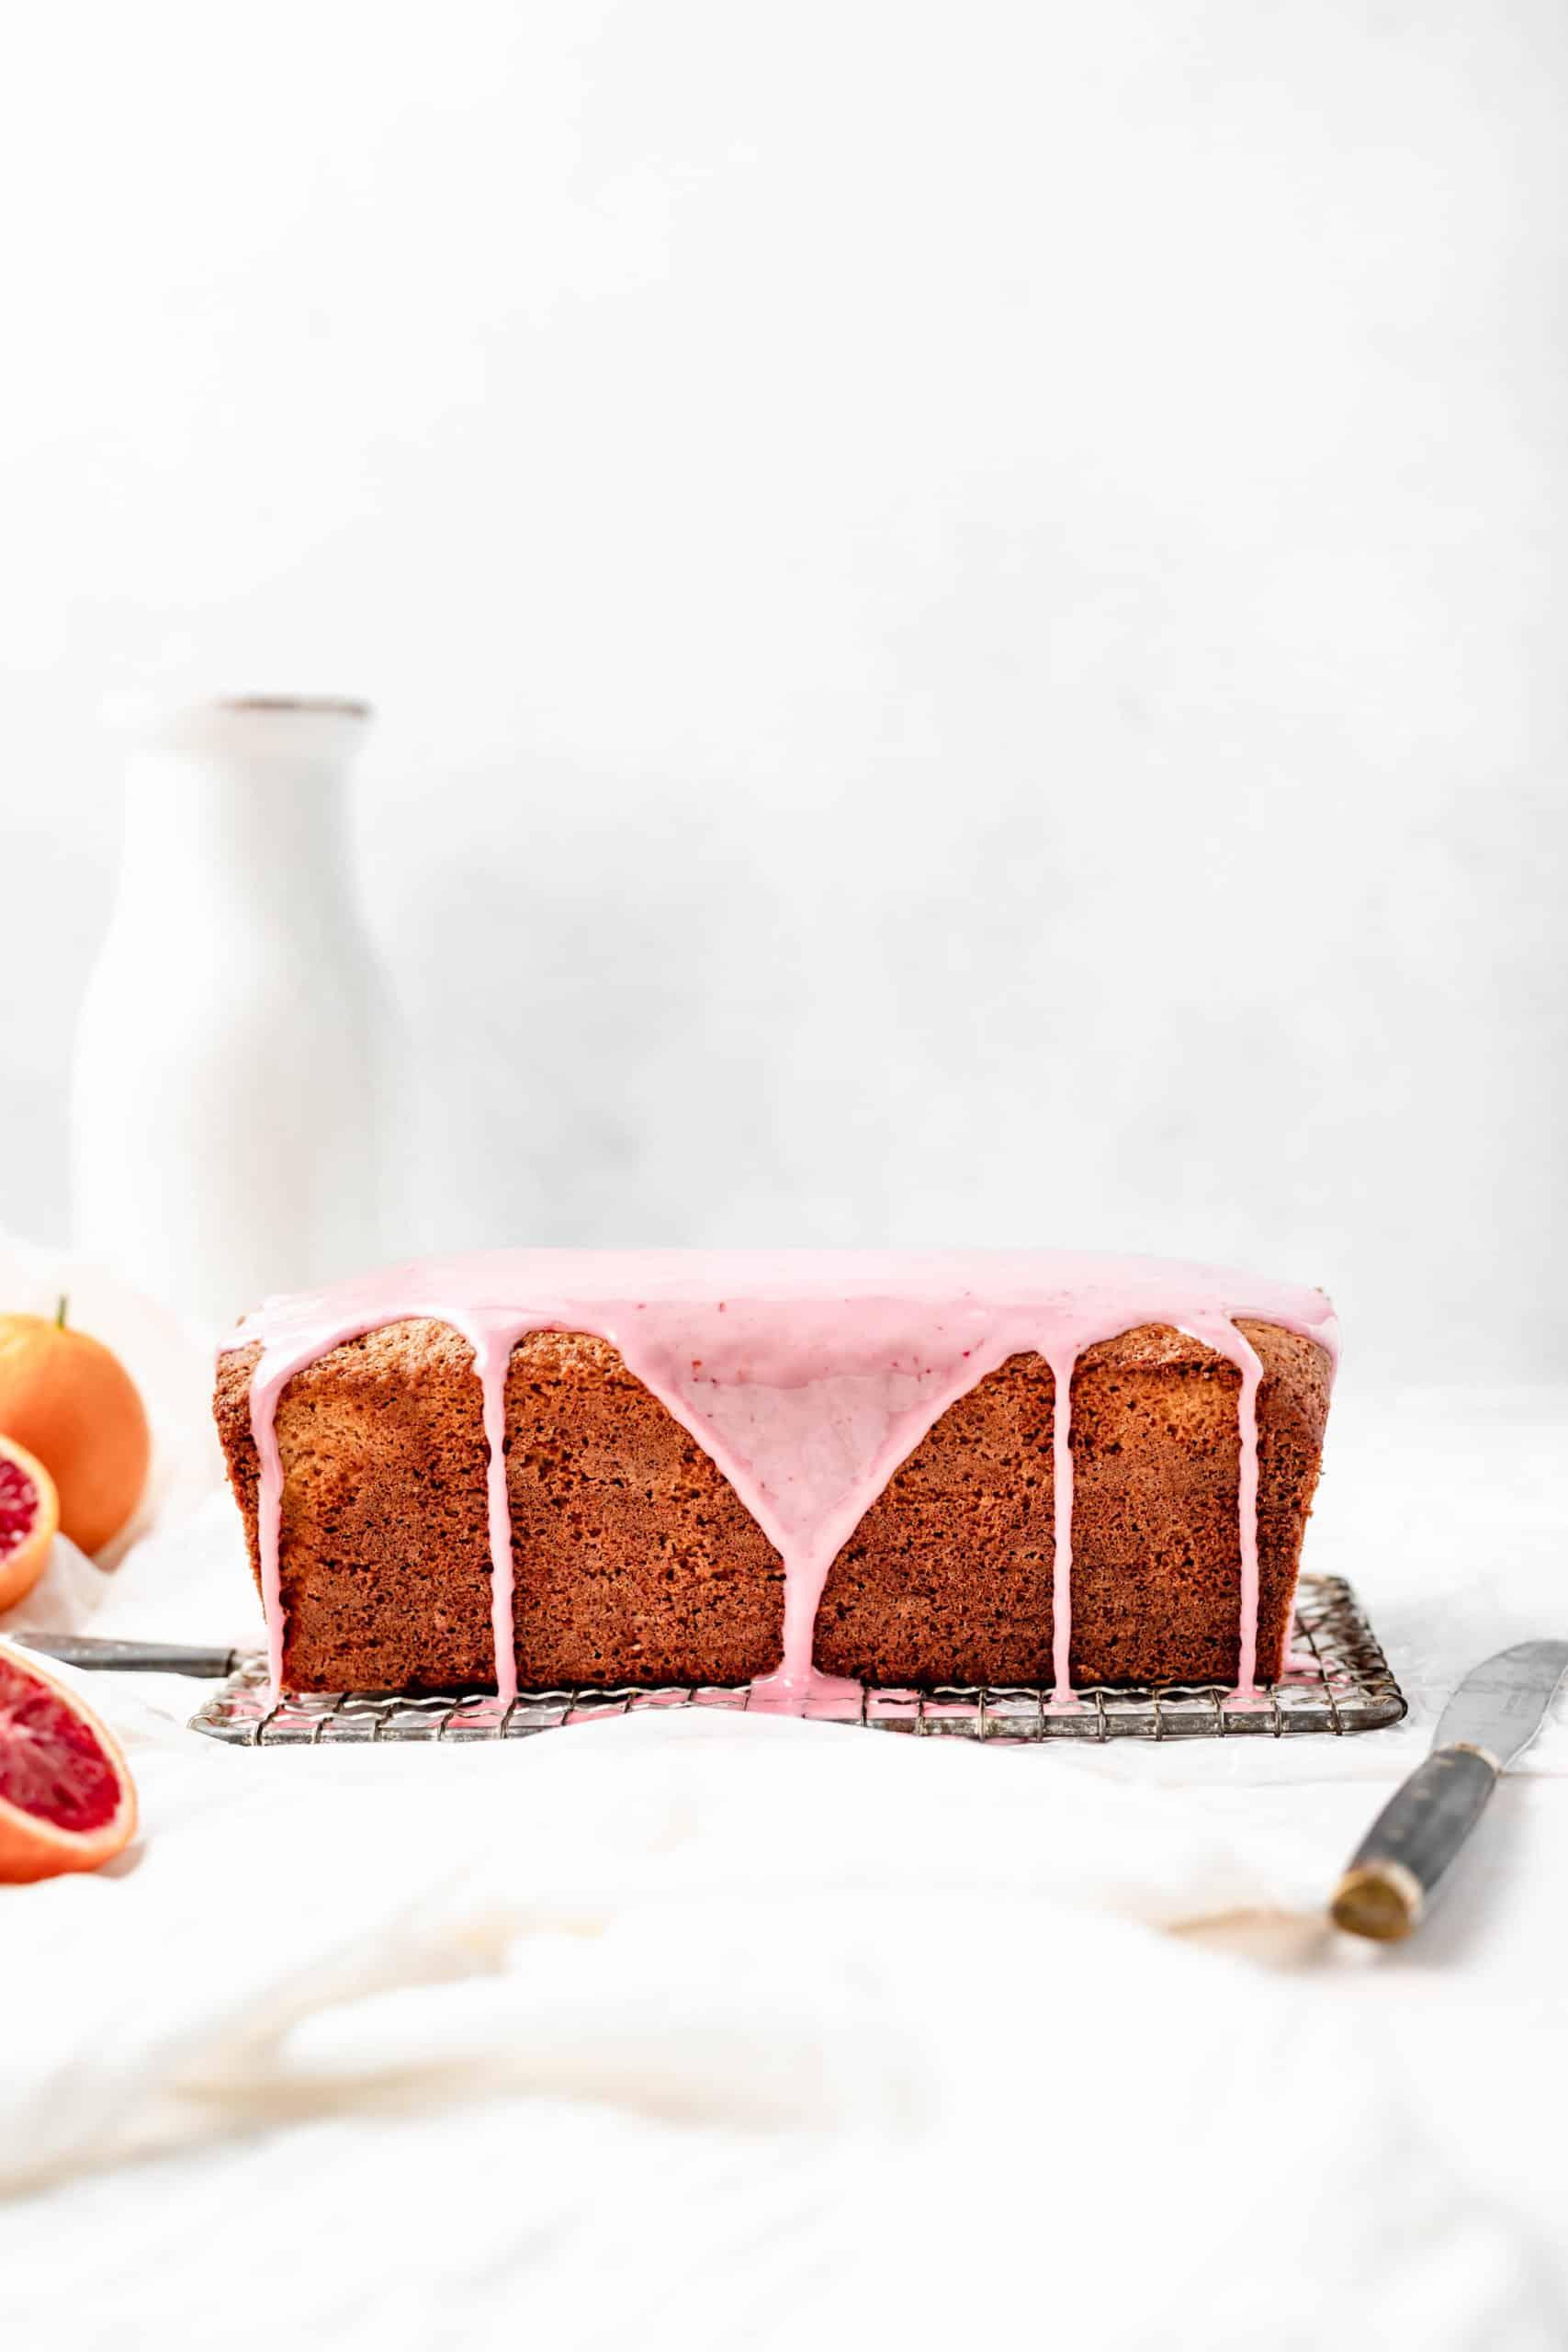 blood orange loaf cake with blood orange glaze